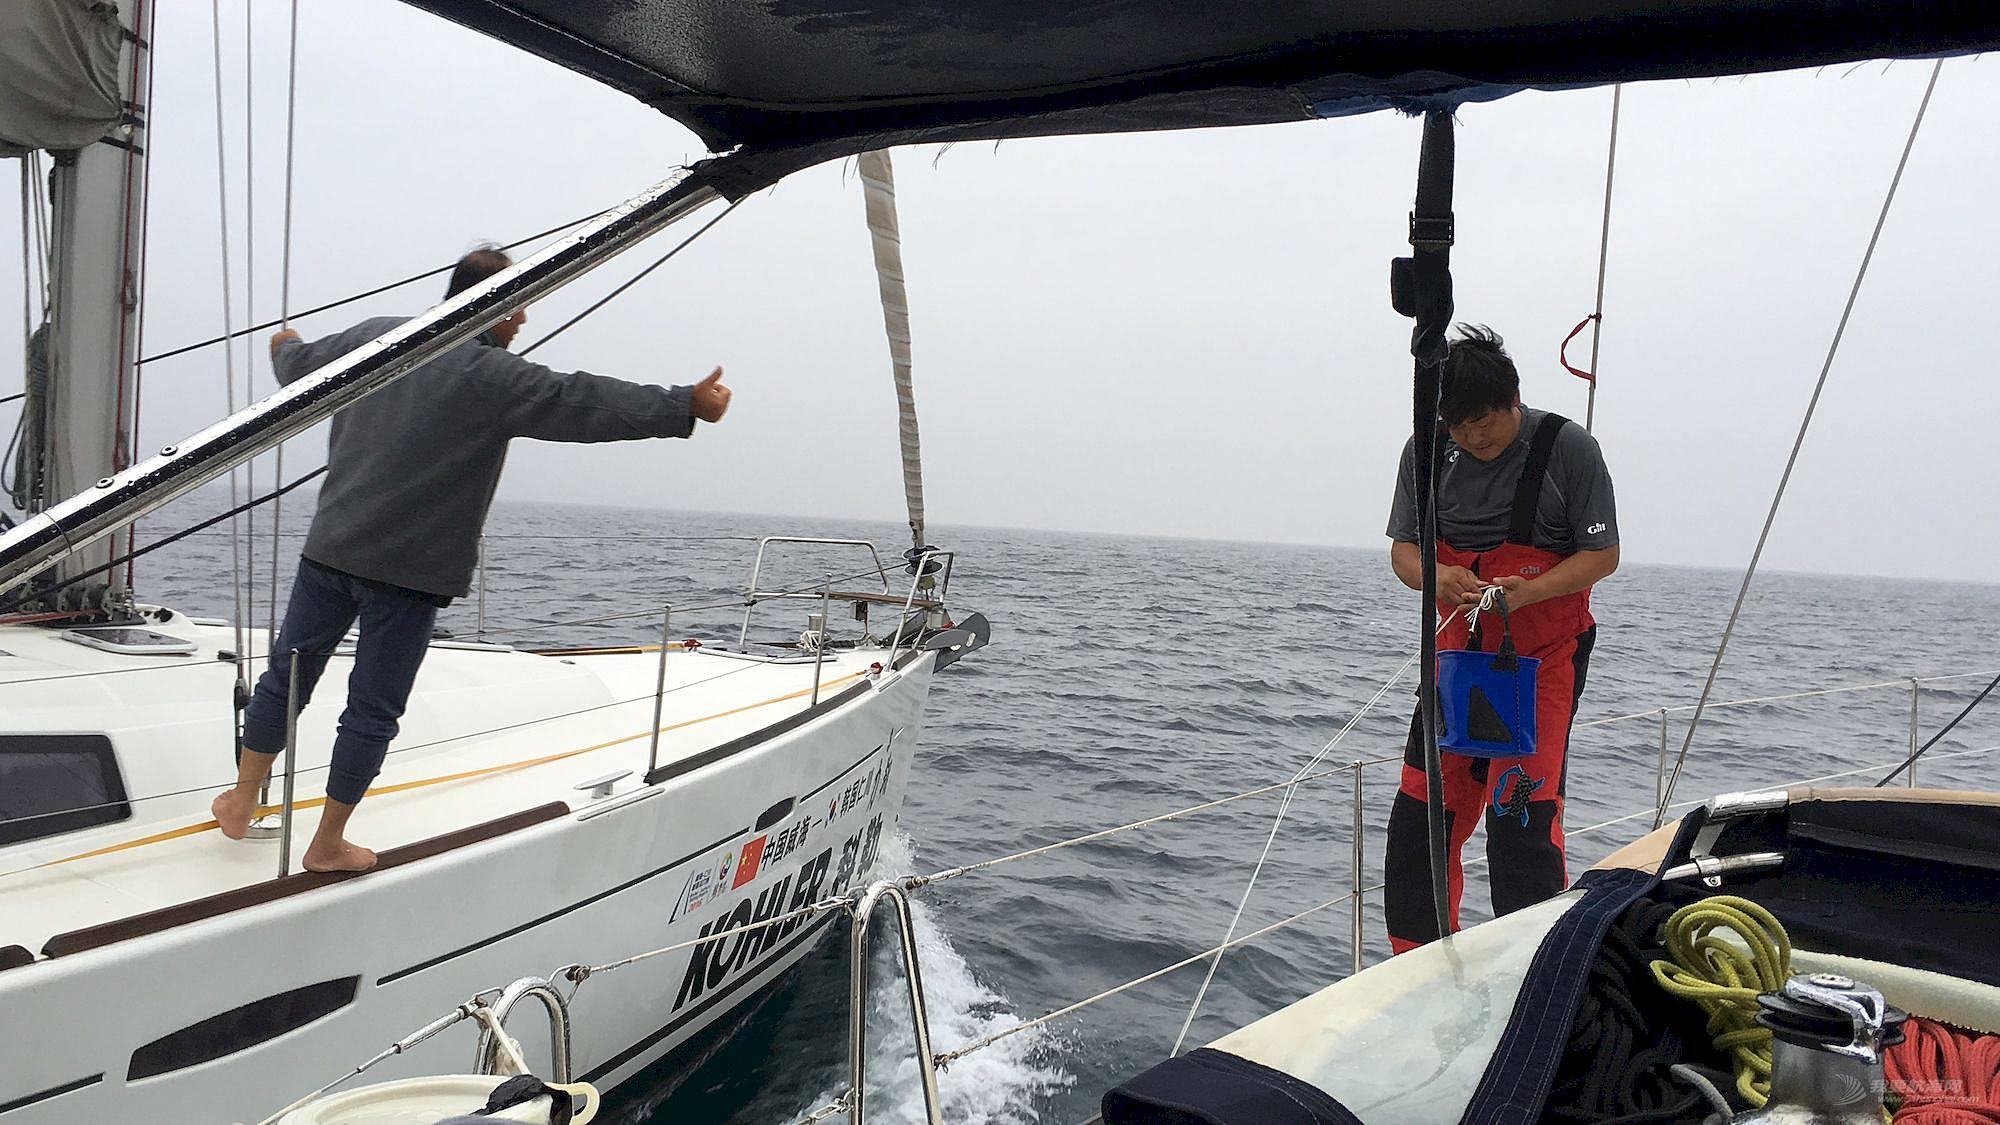 新西兰,跆拳道,俱乐部,拉力赛,青岛 向着太阳升起的地方出发:记第一次跨国远航-千航帆船-51航海网队-2016威海仁川